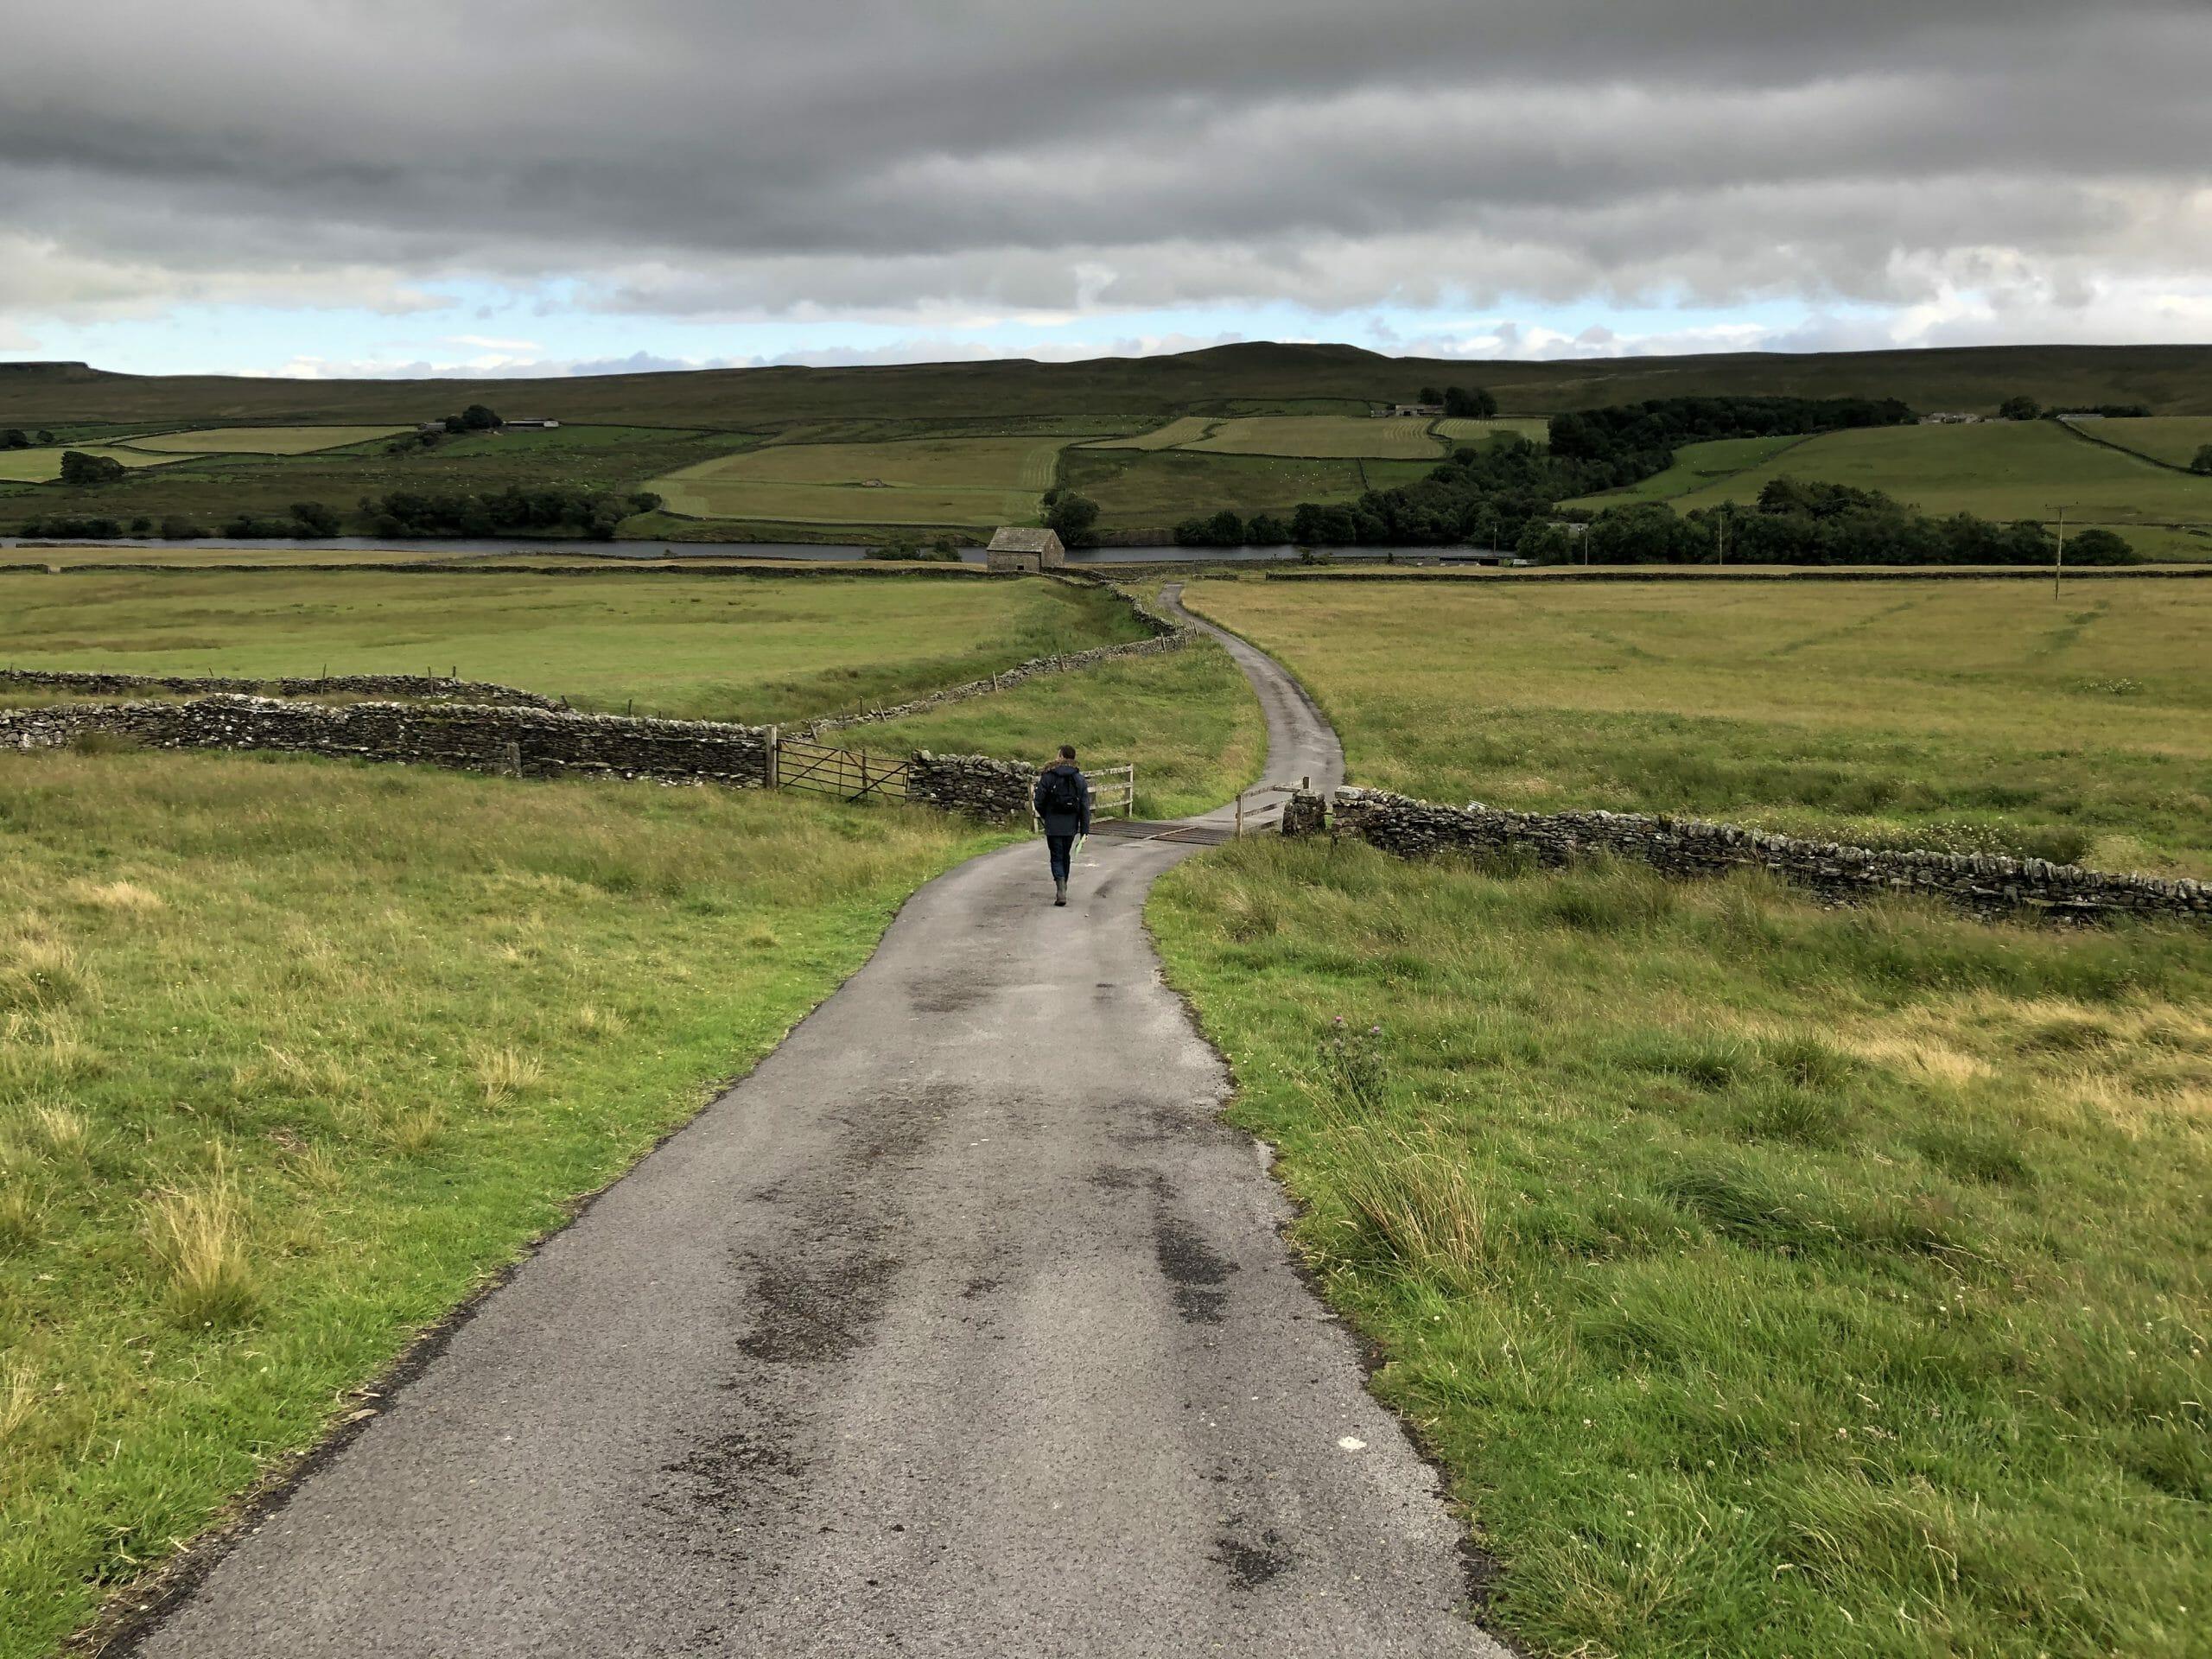 Thomas walking